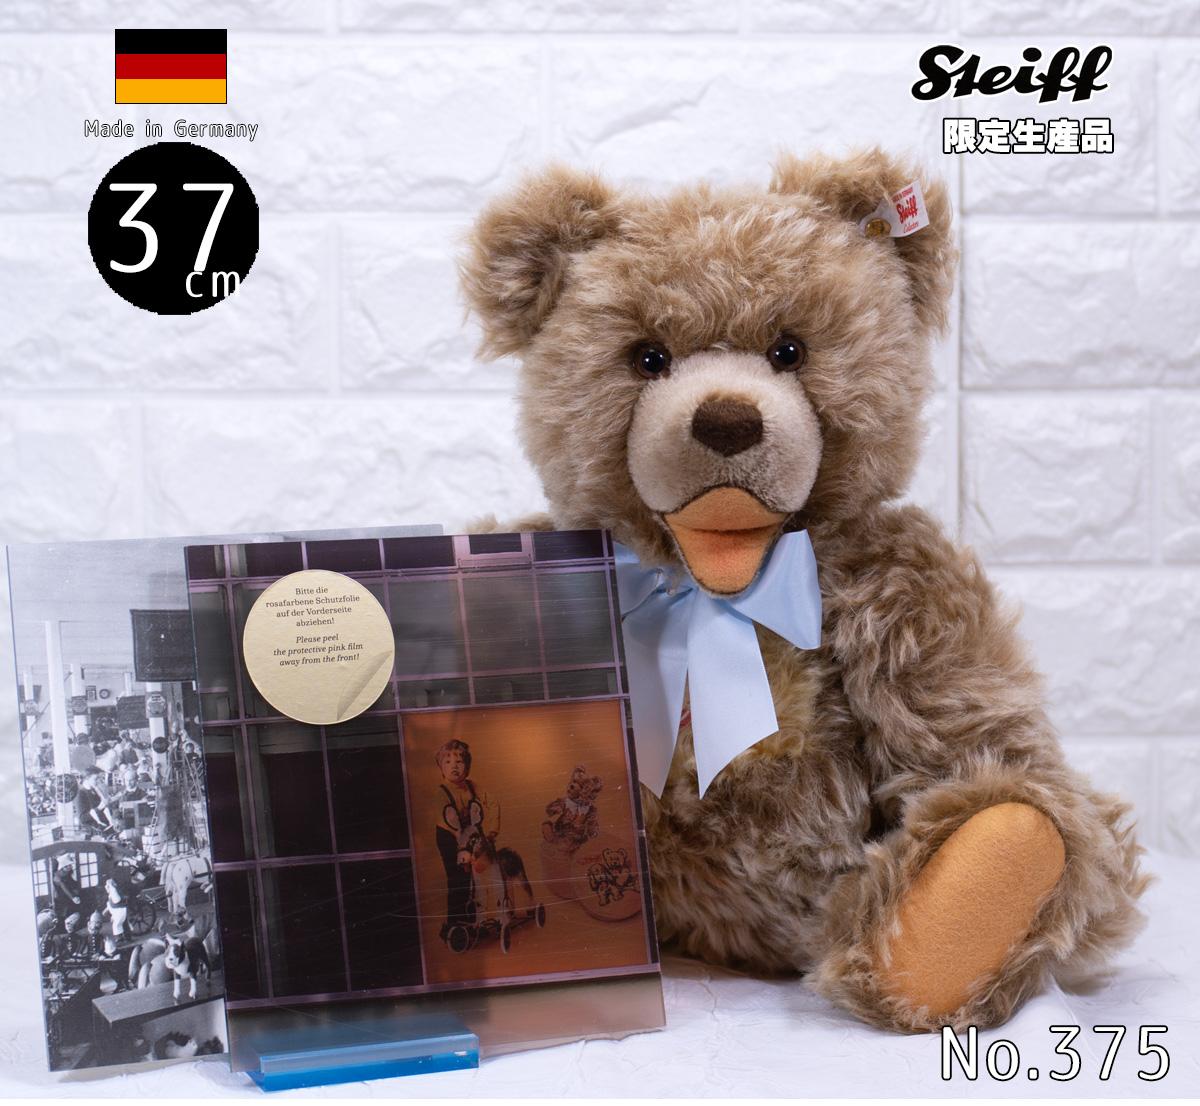 シュタイフ テディベア Steiff 世界限定ピーターズ ゾッティ テディベア 37cm Peter's zotty Teddy bear